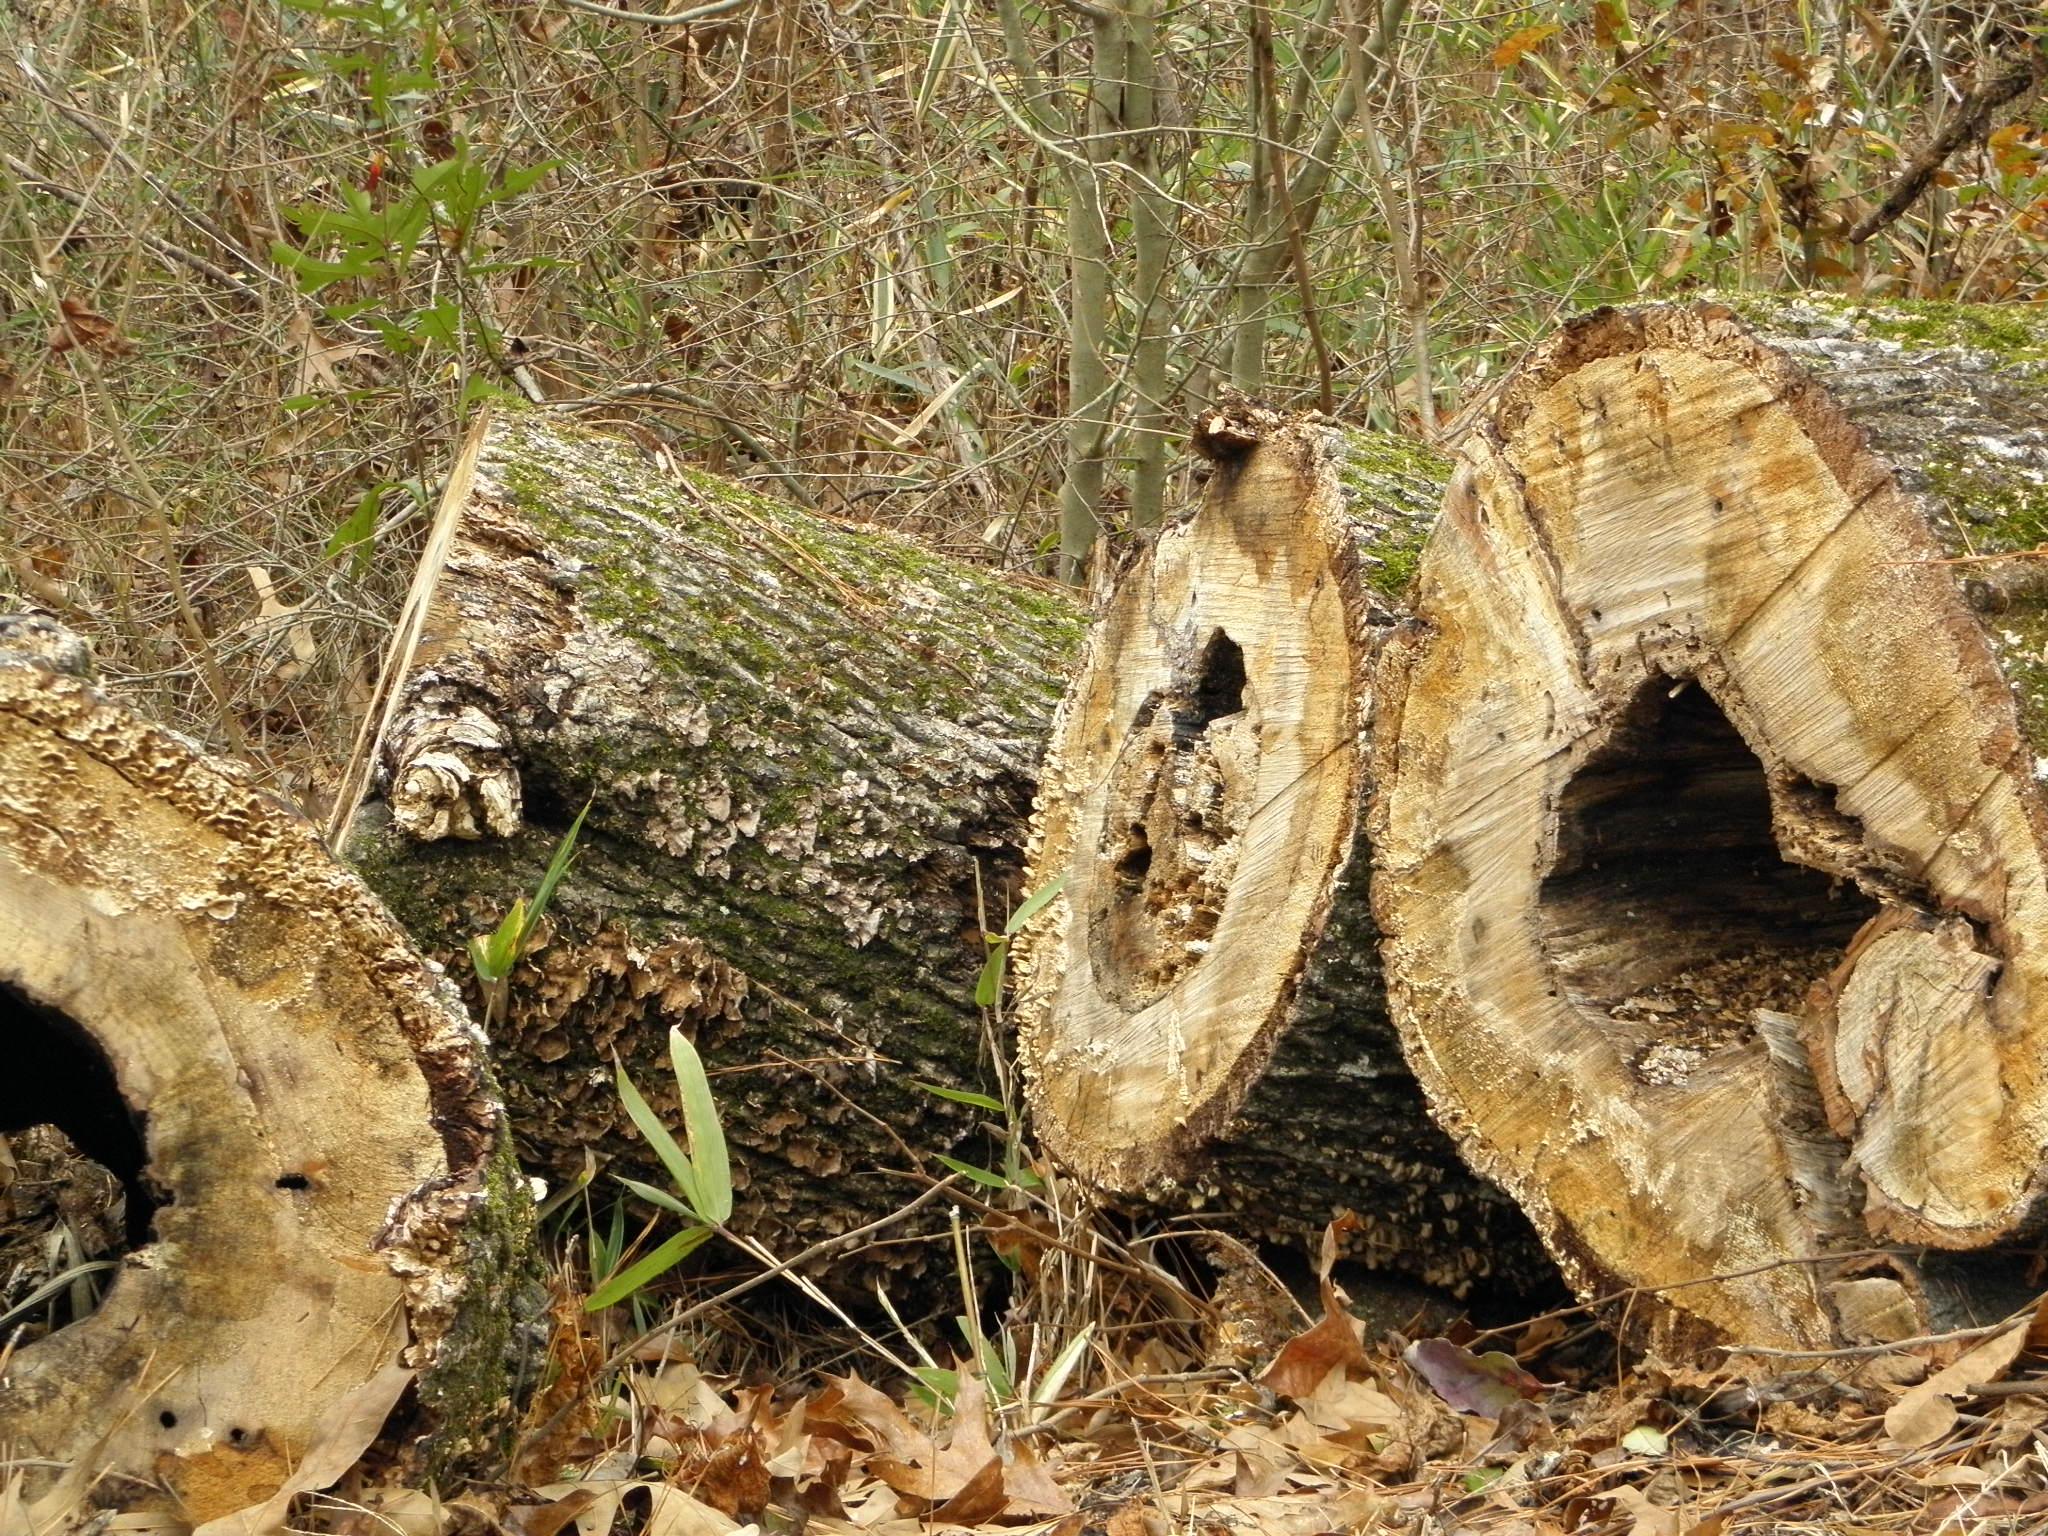 Fungii On A Log